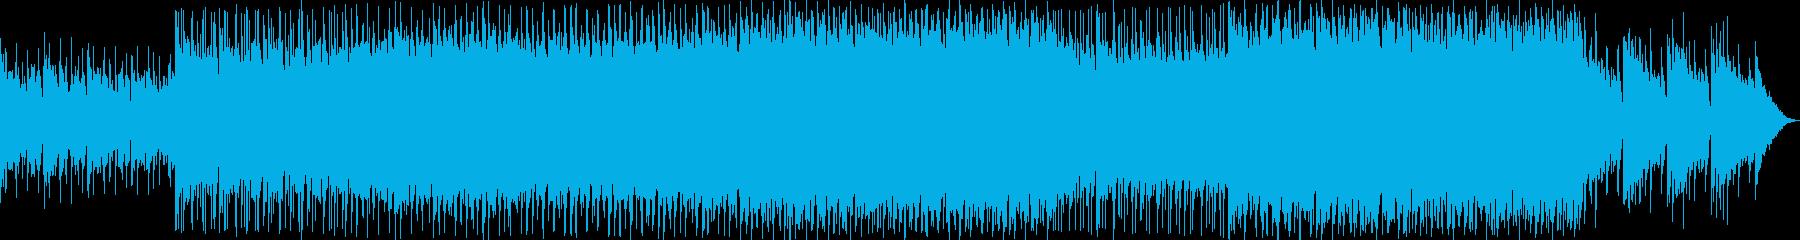 底抜けに明るいキラキラトロピカルポップの再生済みの波形